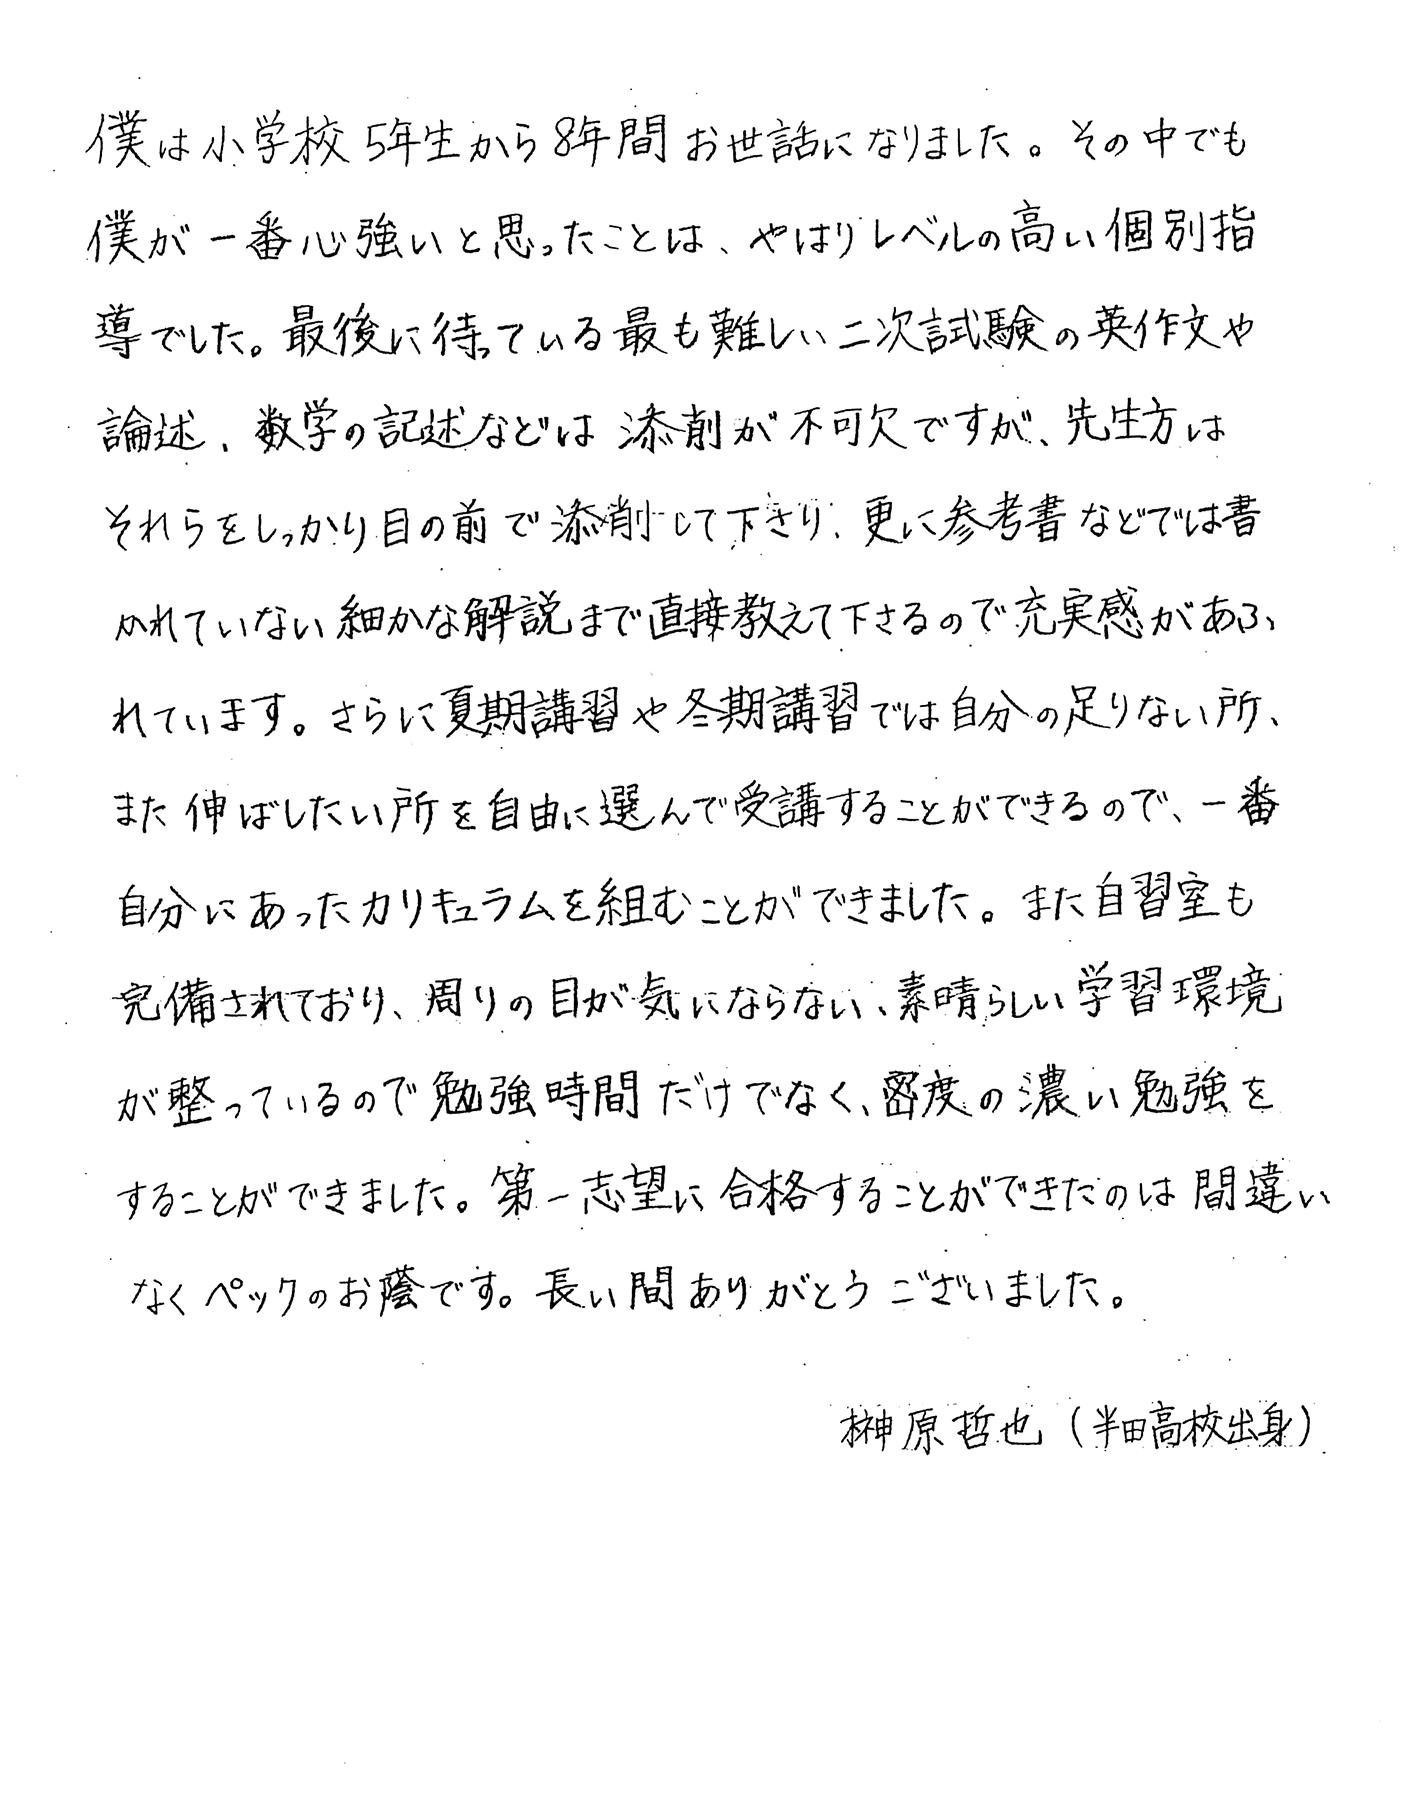 榊原哲也さん